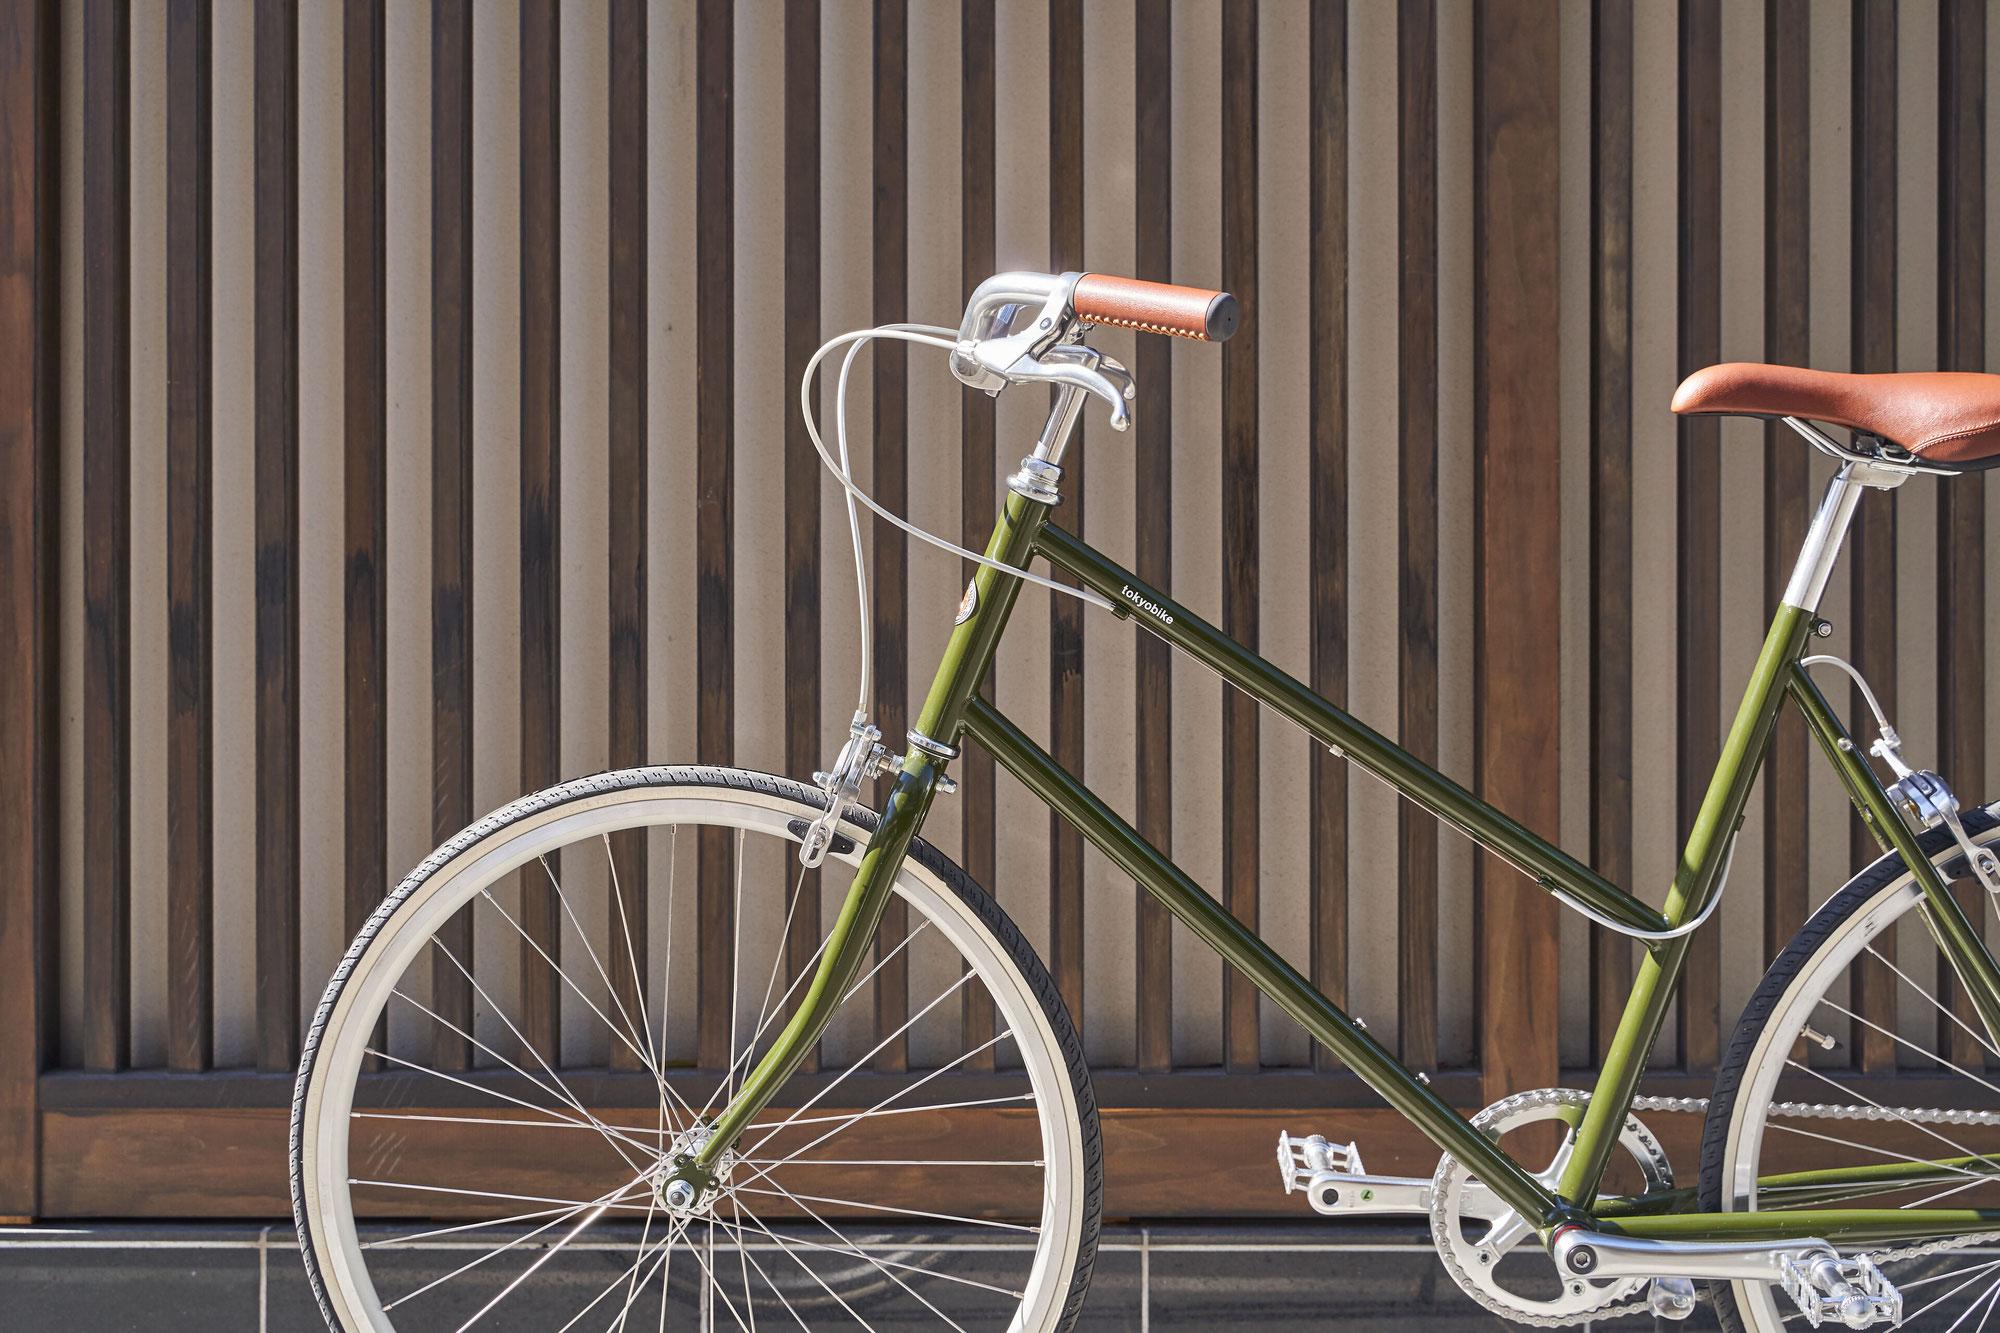 誉自転車のママチャリになる⁉tokyobike LEGER予約受付中です